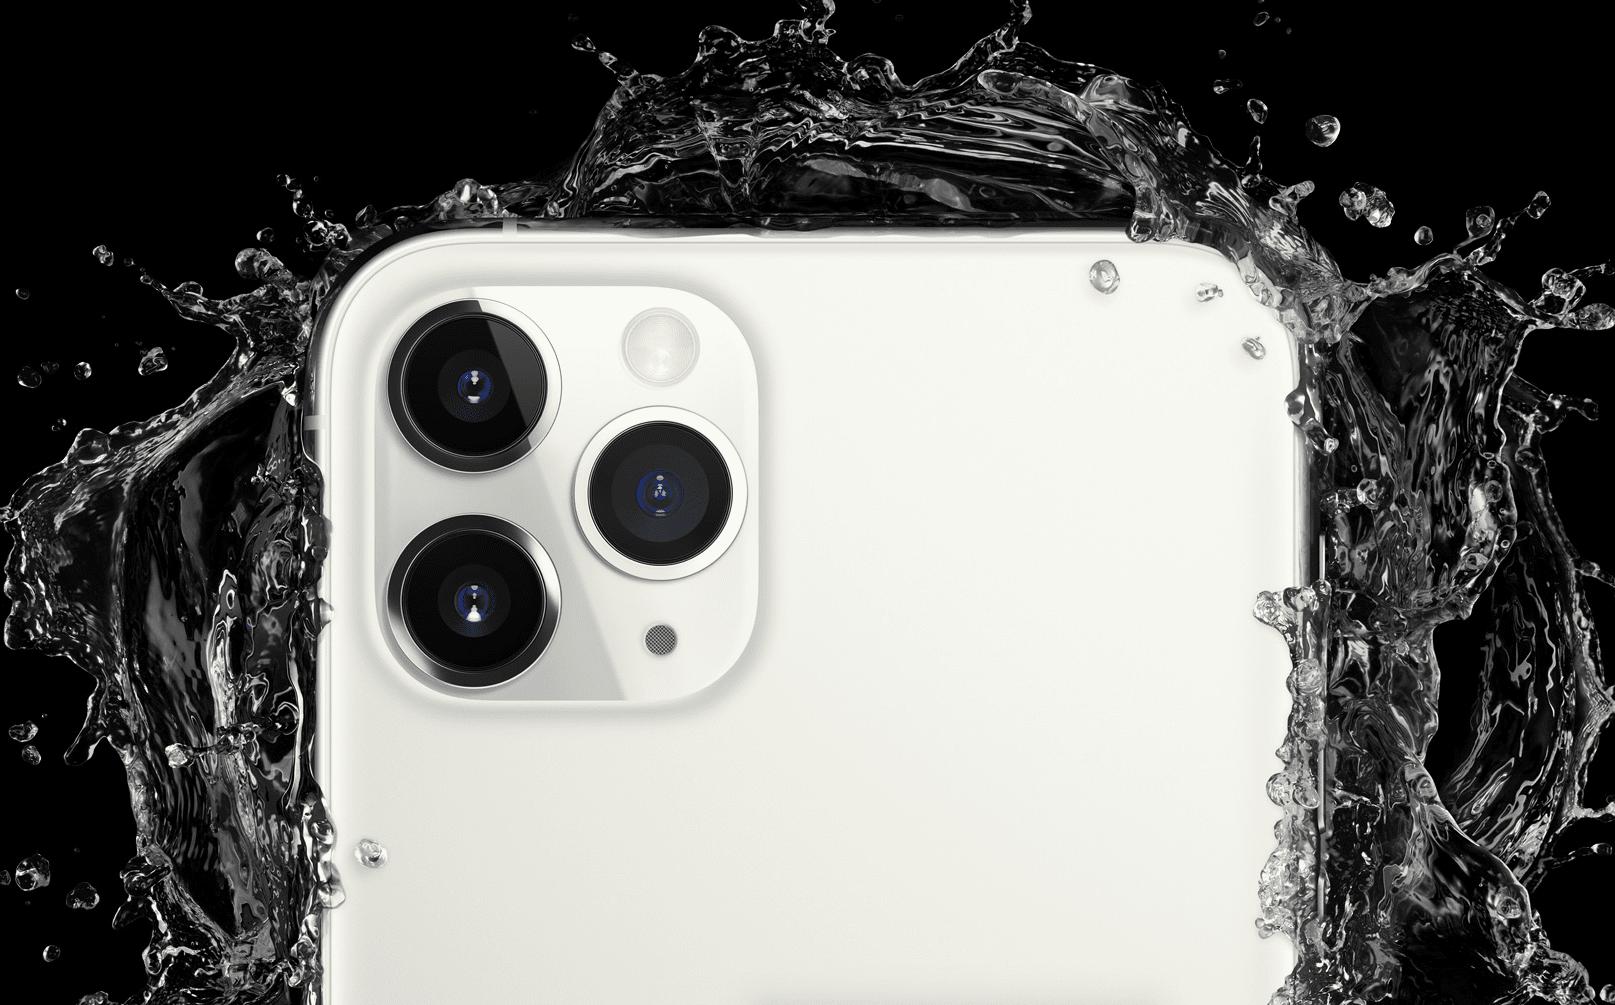 El nuevo iPhone 11 Pro revoluciona el mundo de los smartphones 18